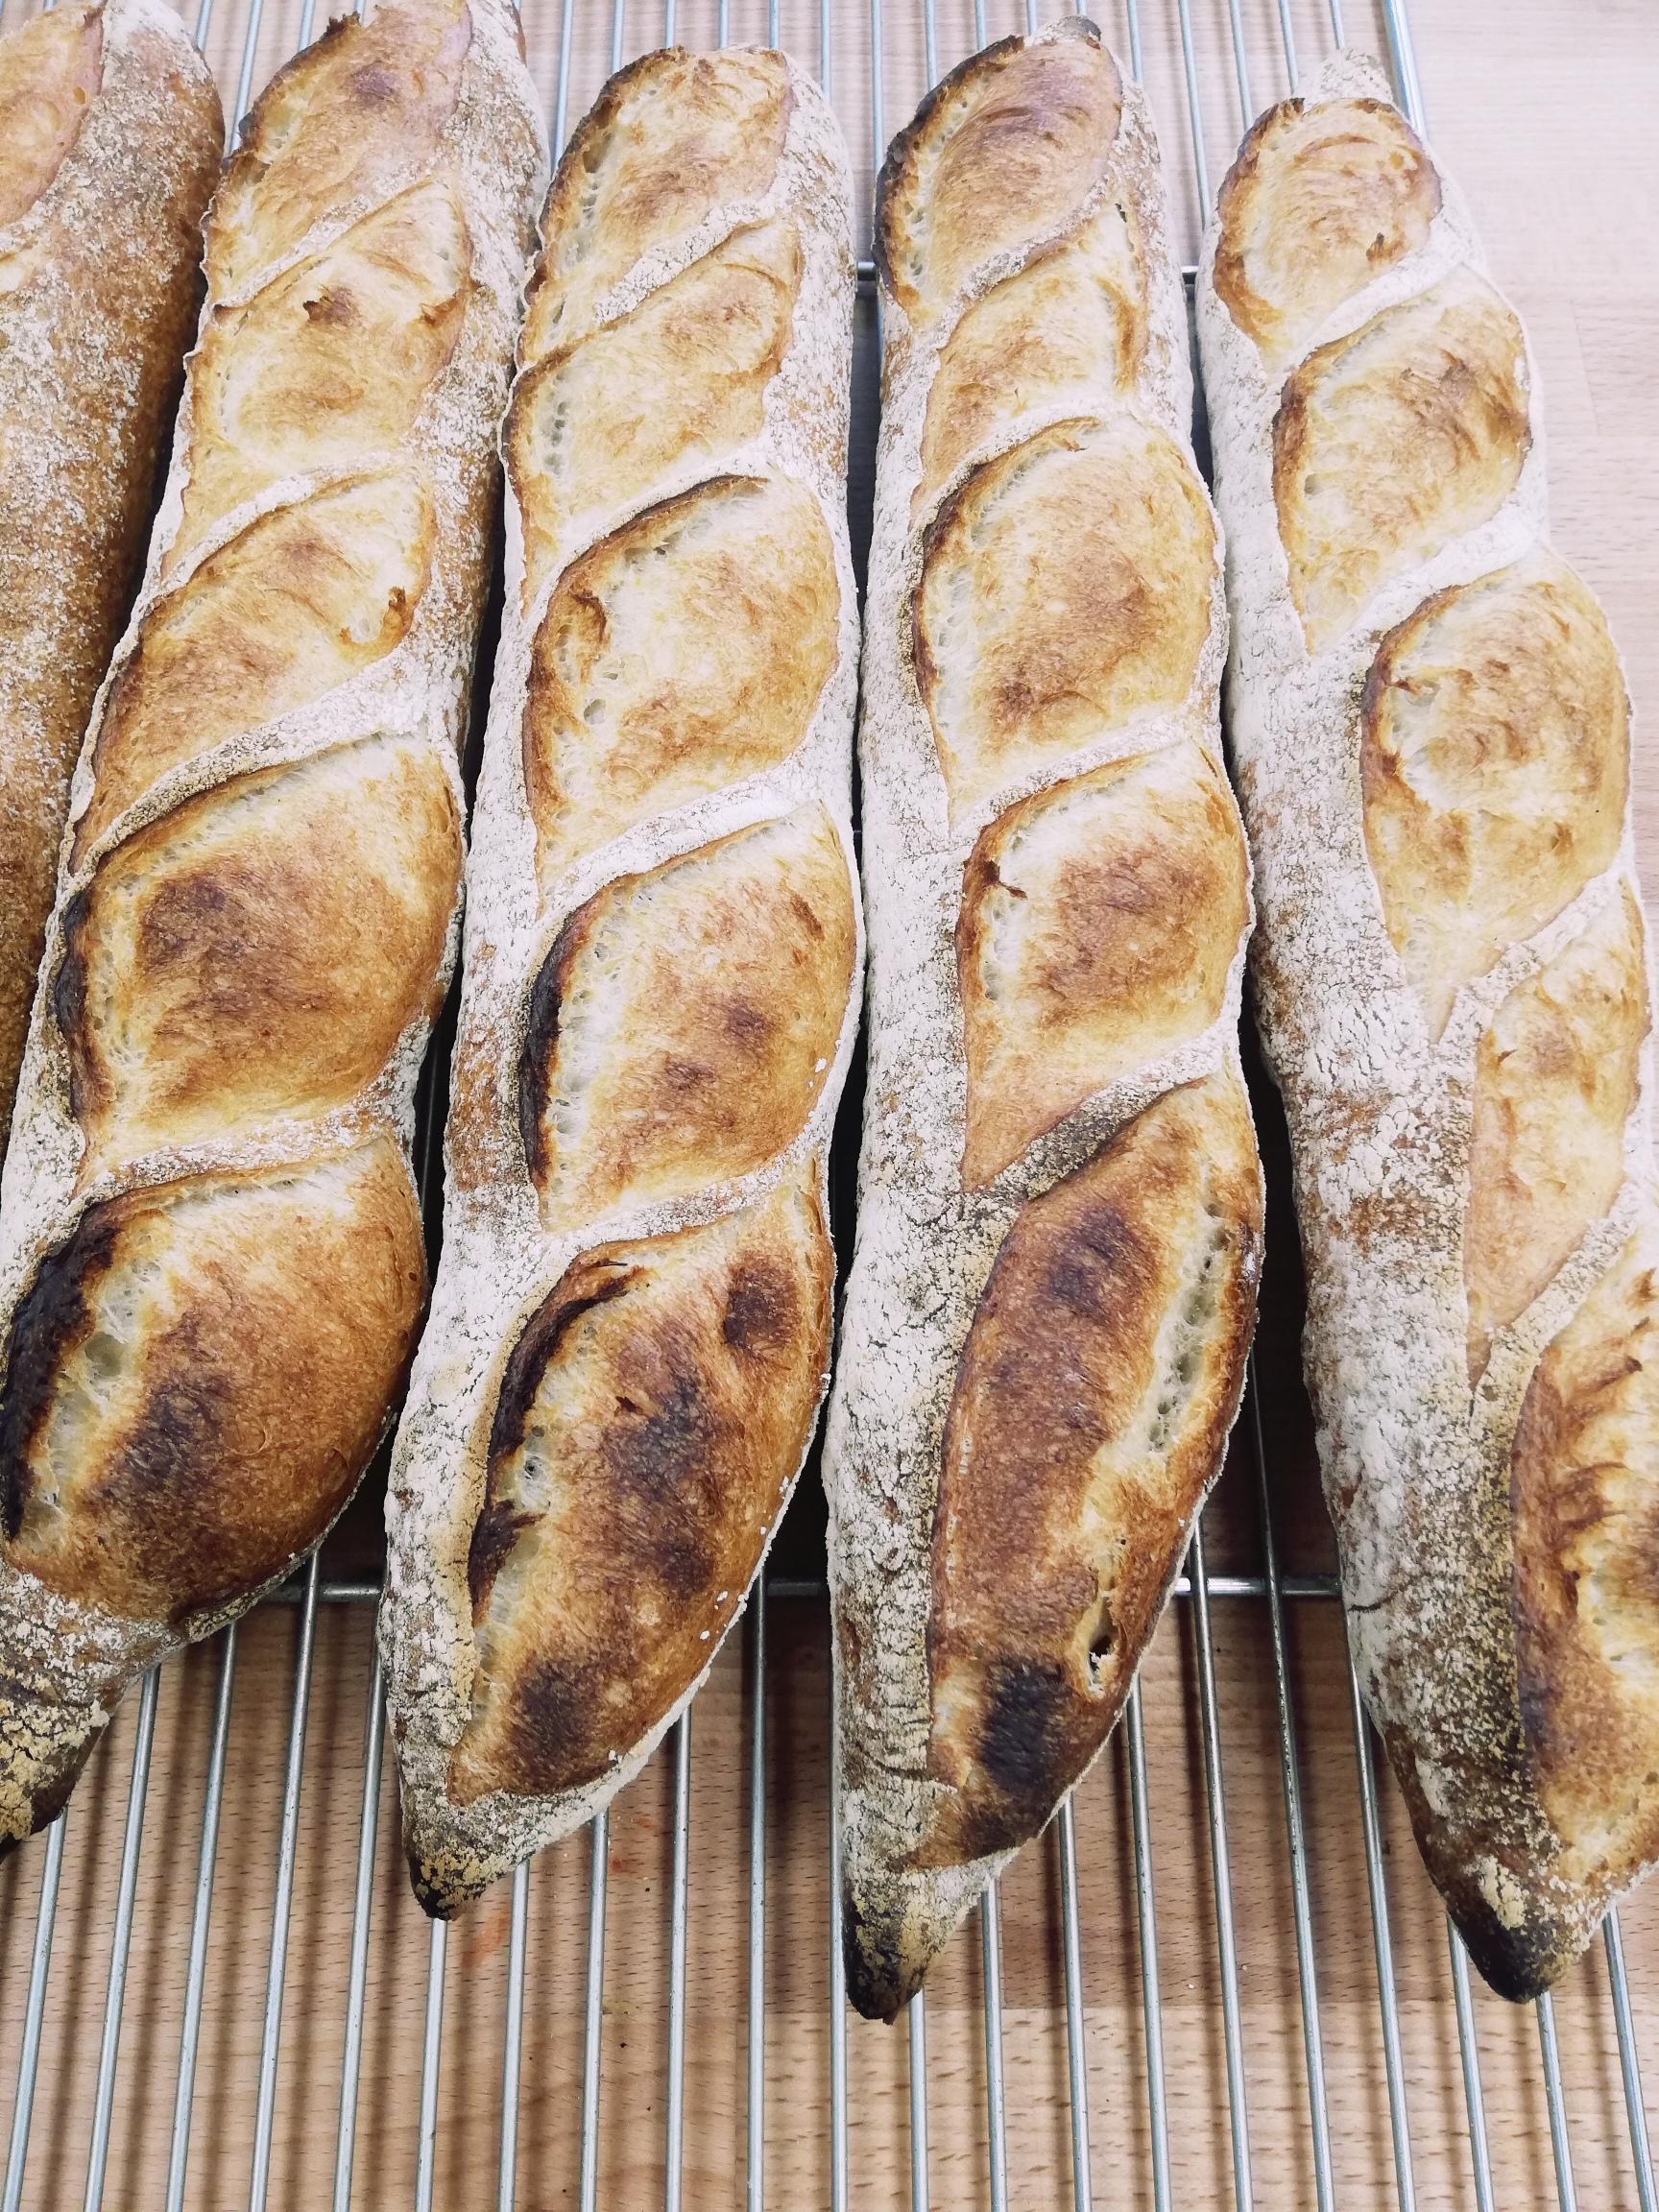 (FRI) Baguette de Tradition Francaise